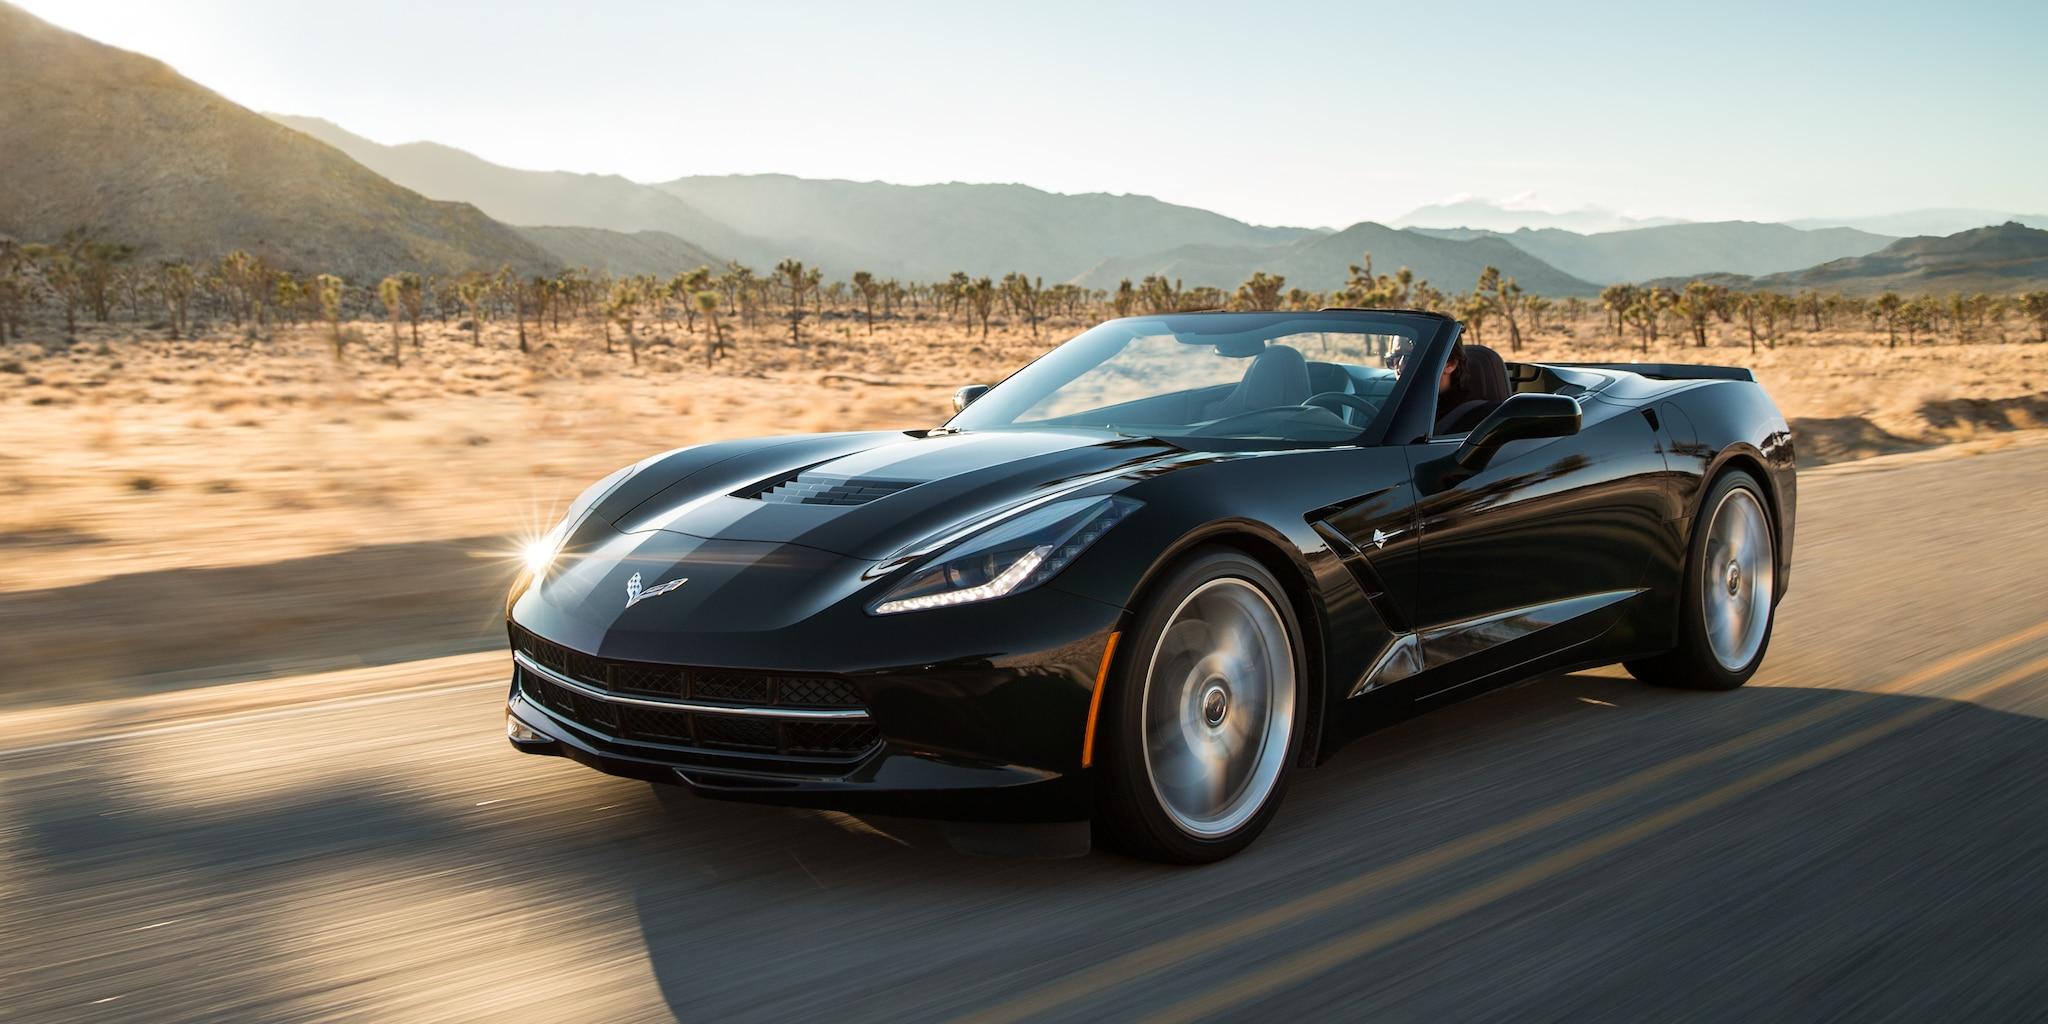 Diseño del auto deportivo Corvette Stingray 2018: lateral delantero